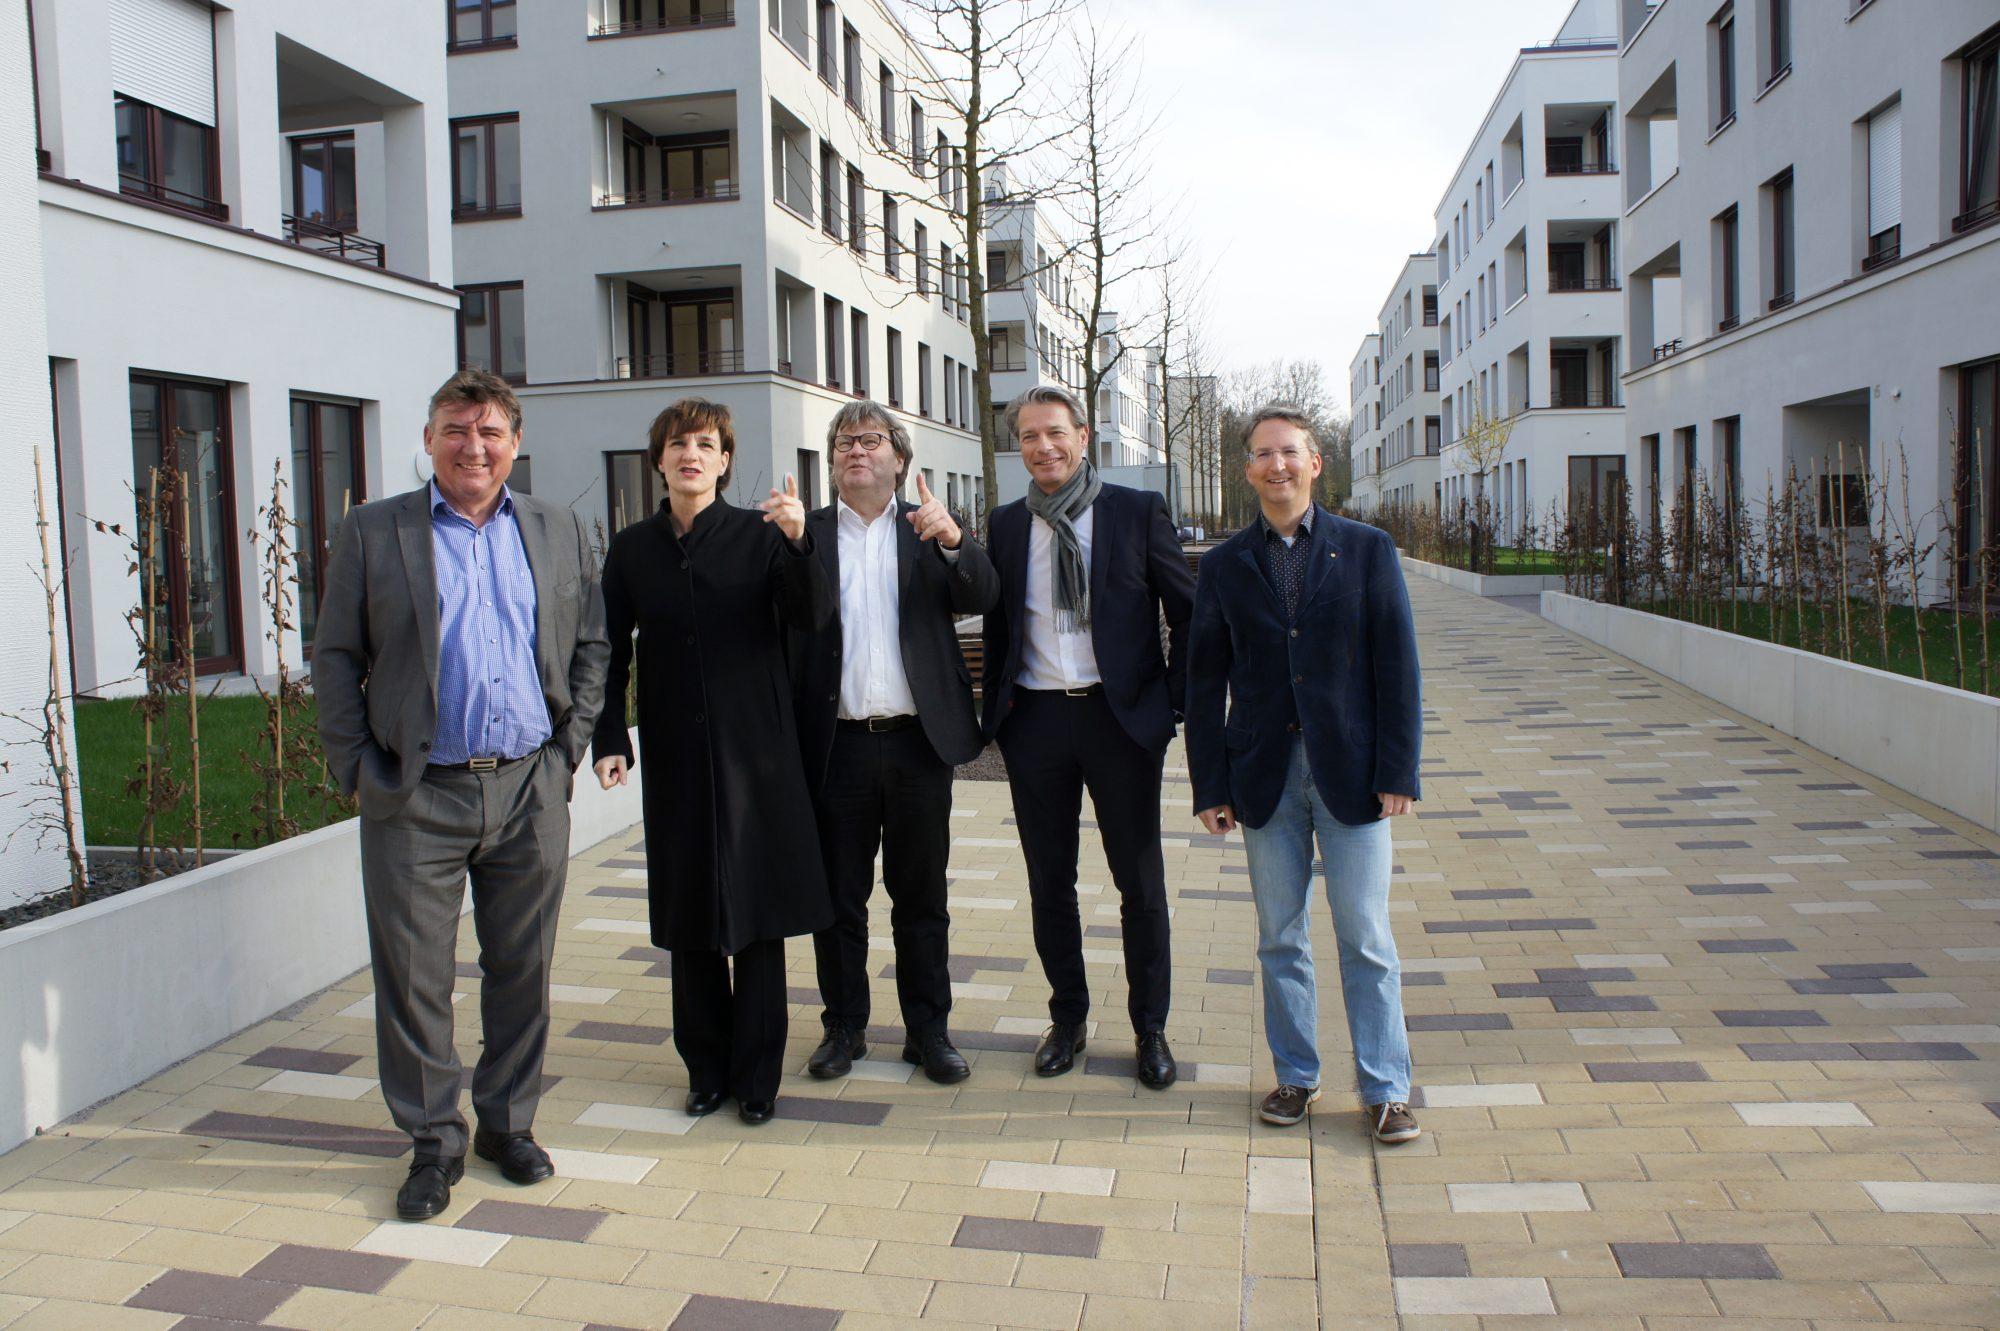 Übergabe mit Bürgermeister Gü Beck und Architekt Stefan Giesler